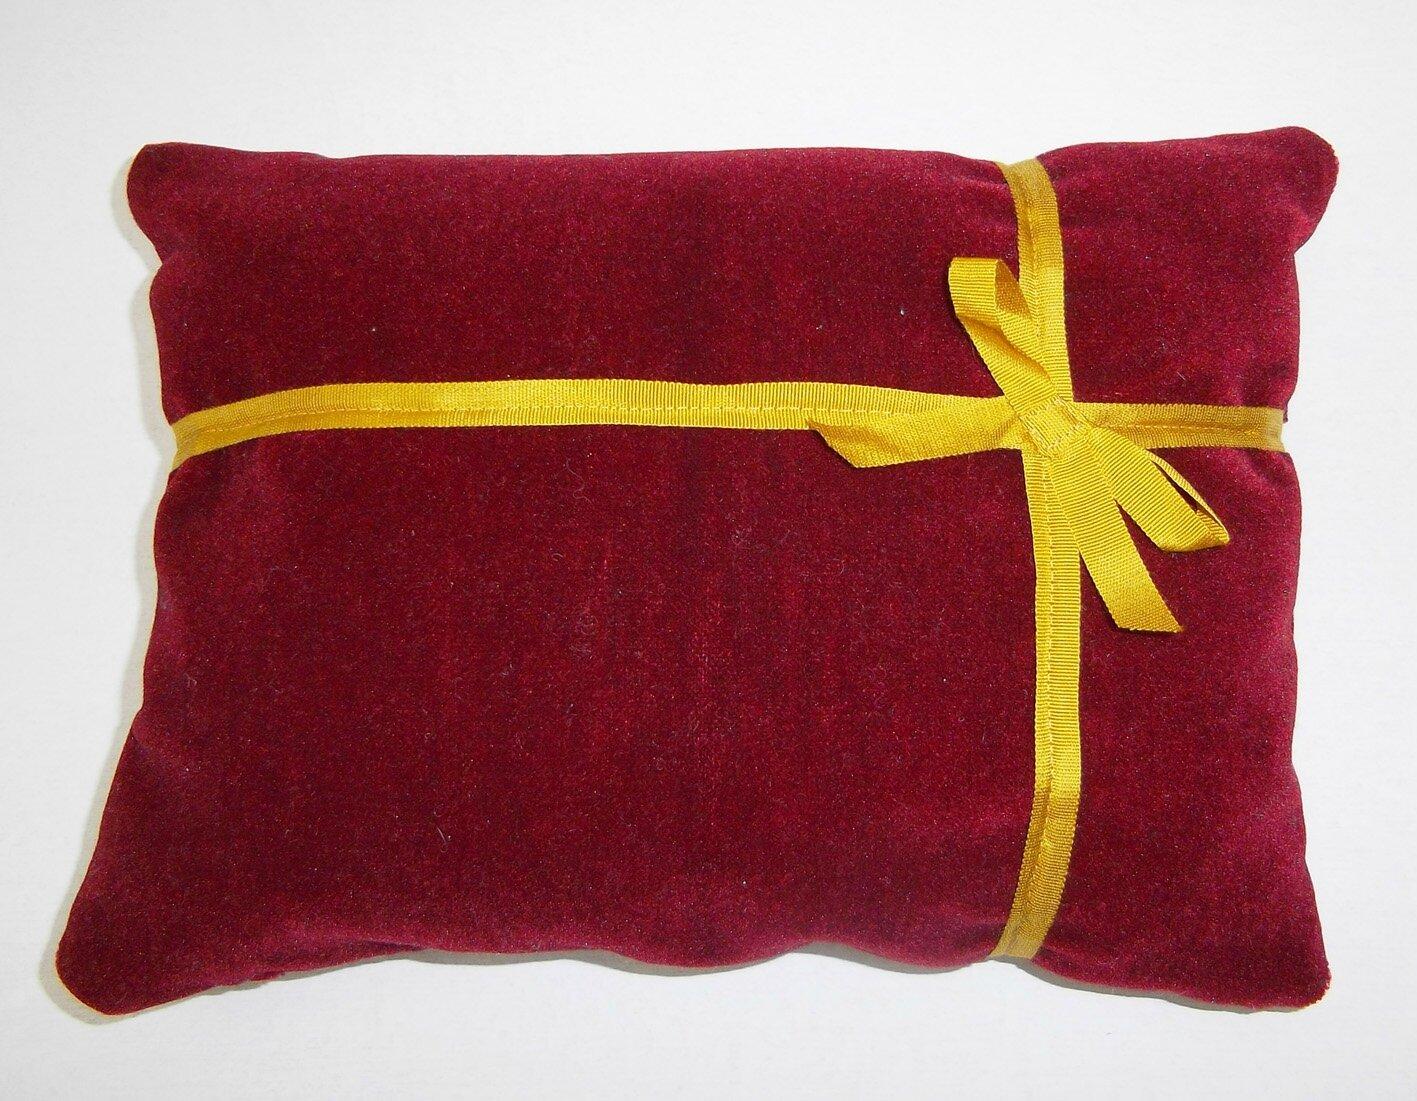 Coussin cadeau velours rouge fonc galon dor photo de creations pour no l - Coussin velours rouge ...